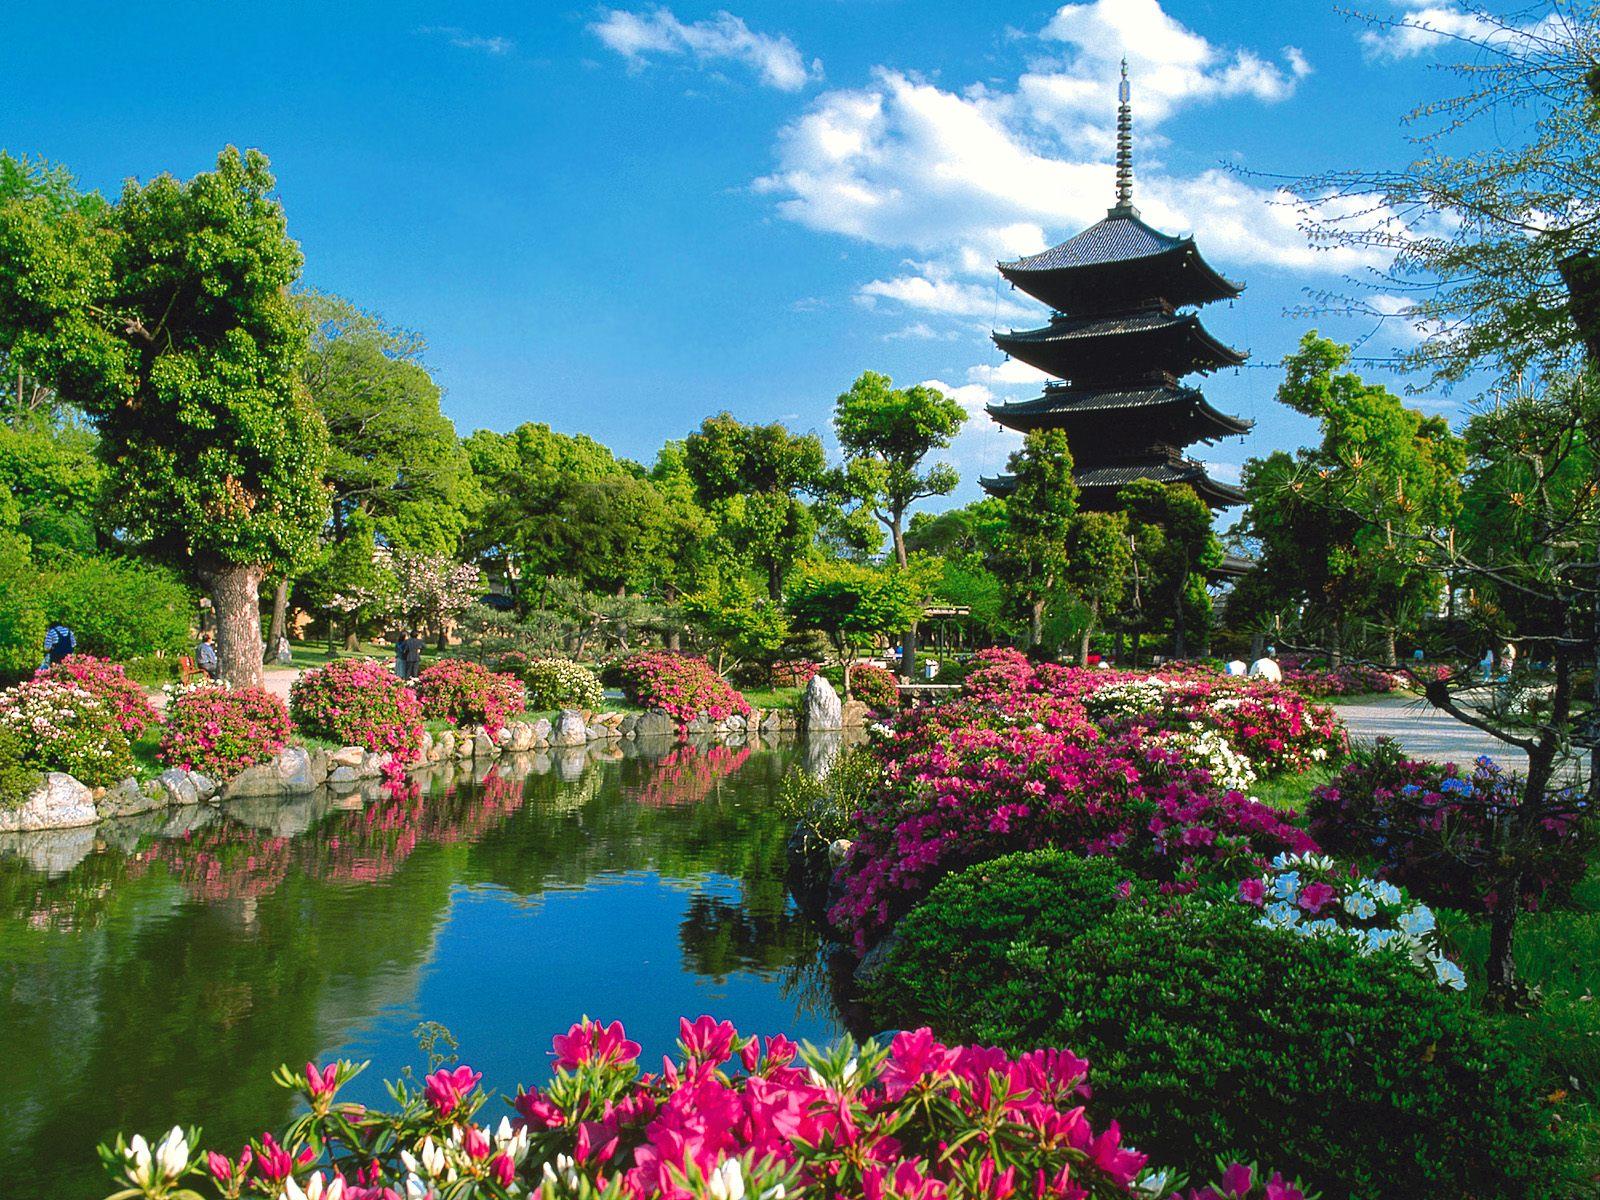 Japon jardines y espacios verdes fondos de pantalla for Paisajes de jardines